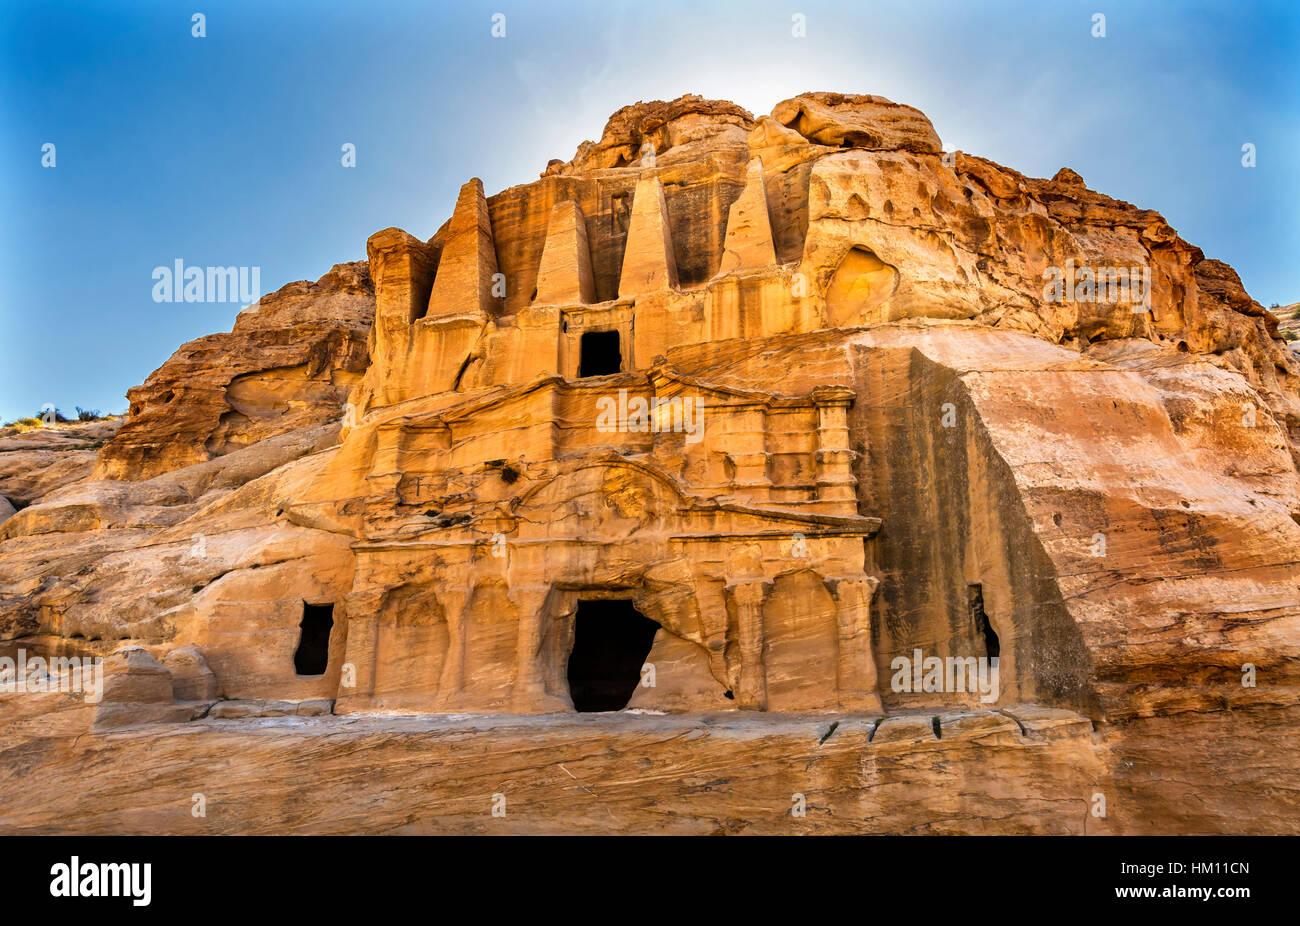 Obelisco amarillo tumba Bab el-siq Triclinium Siq exterior Canyon Trekking a la entrada a Petra Jordania. Imagen De Stock